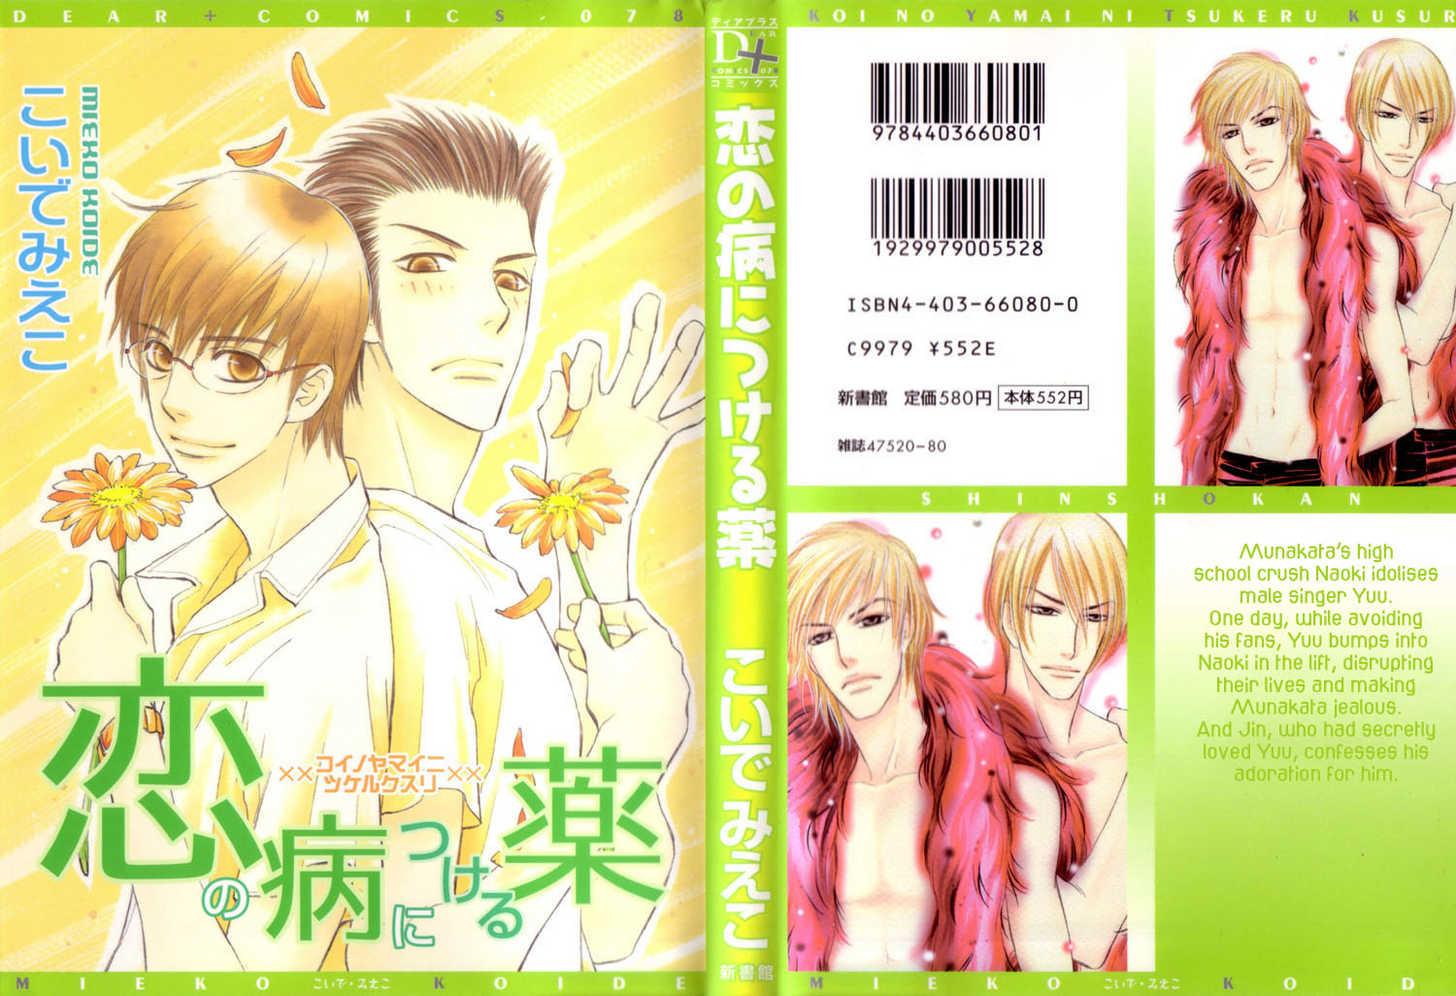 Koi no Yamai ni Tsukeru Kusuri 0 Page 2